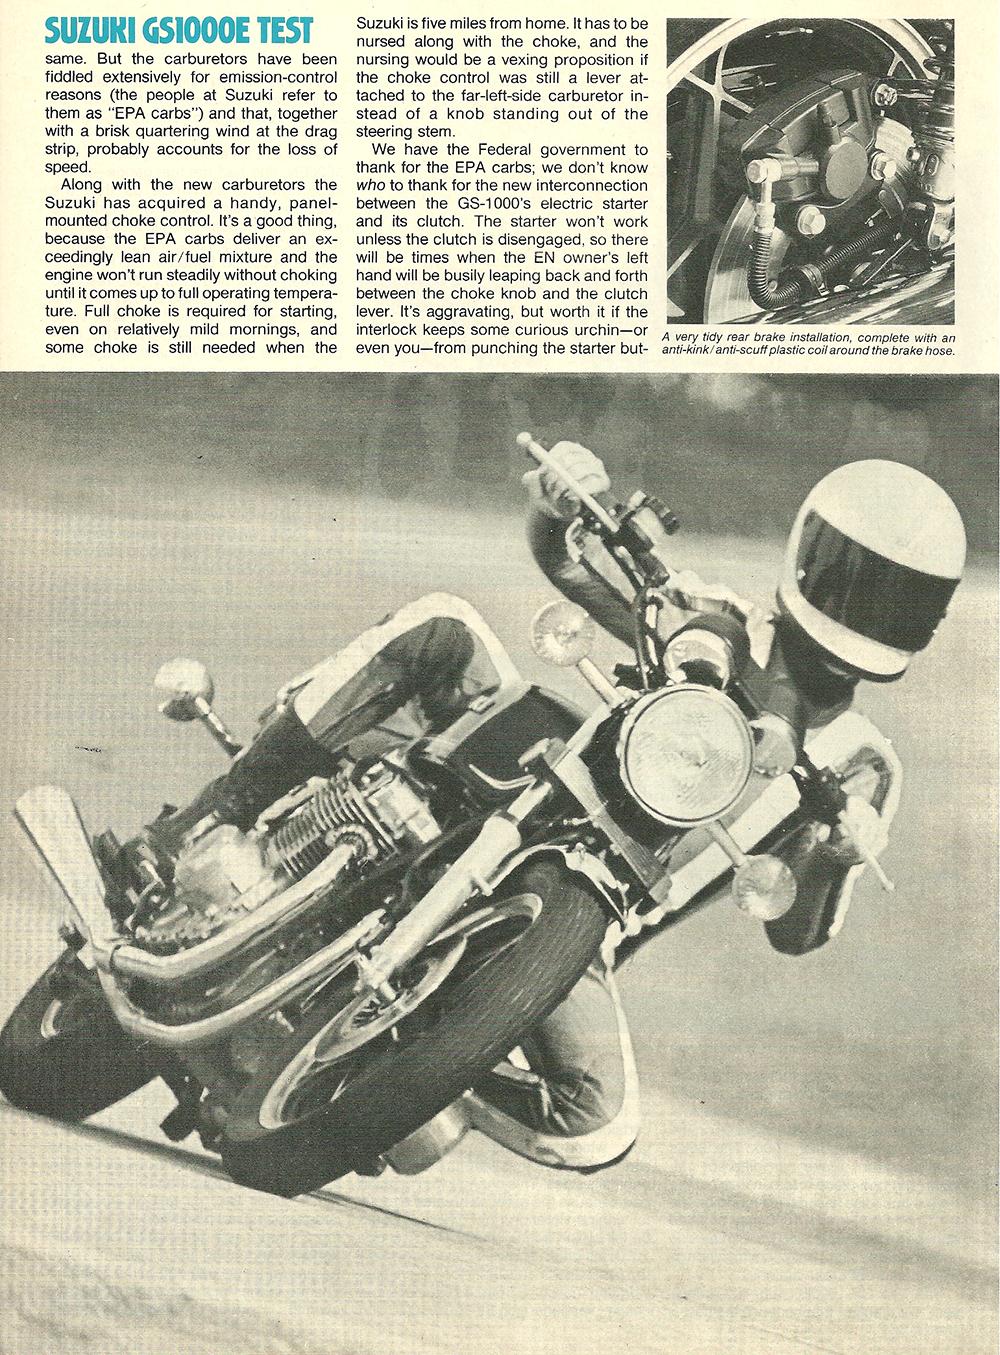 1979 Suzuki GS1000E road test 05.jpg